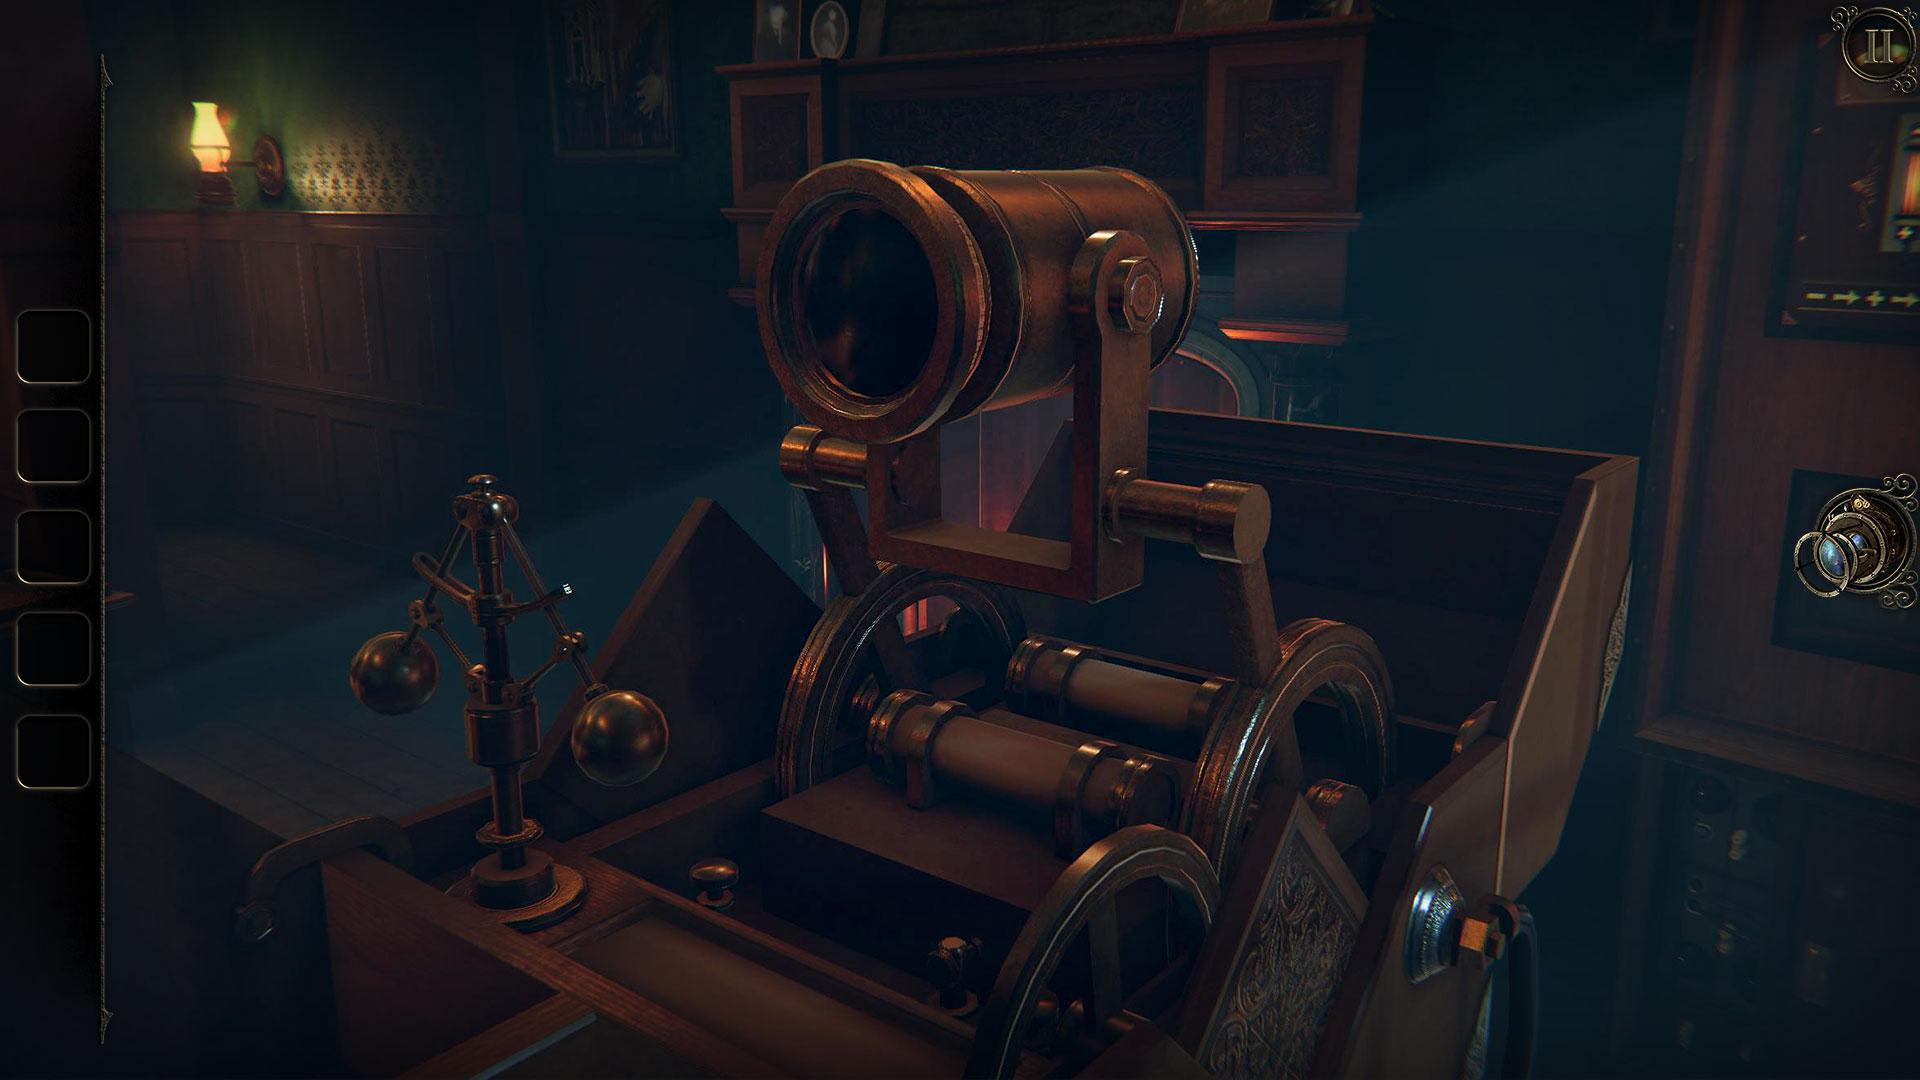 未上锁的房间3游戏图片欣赏